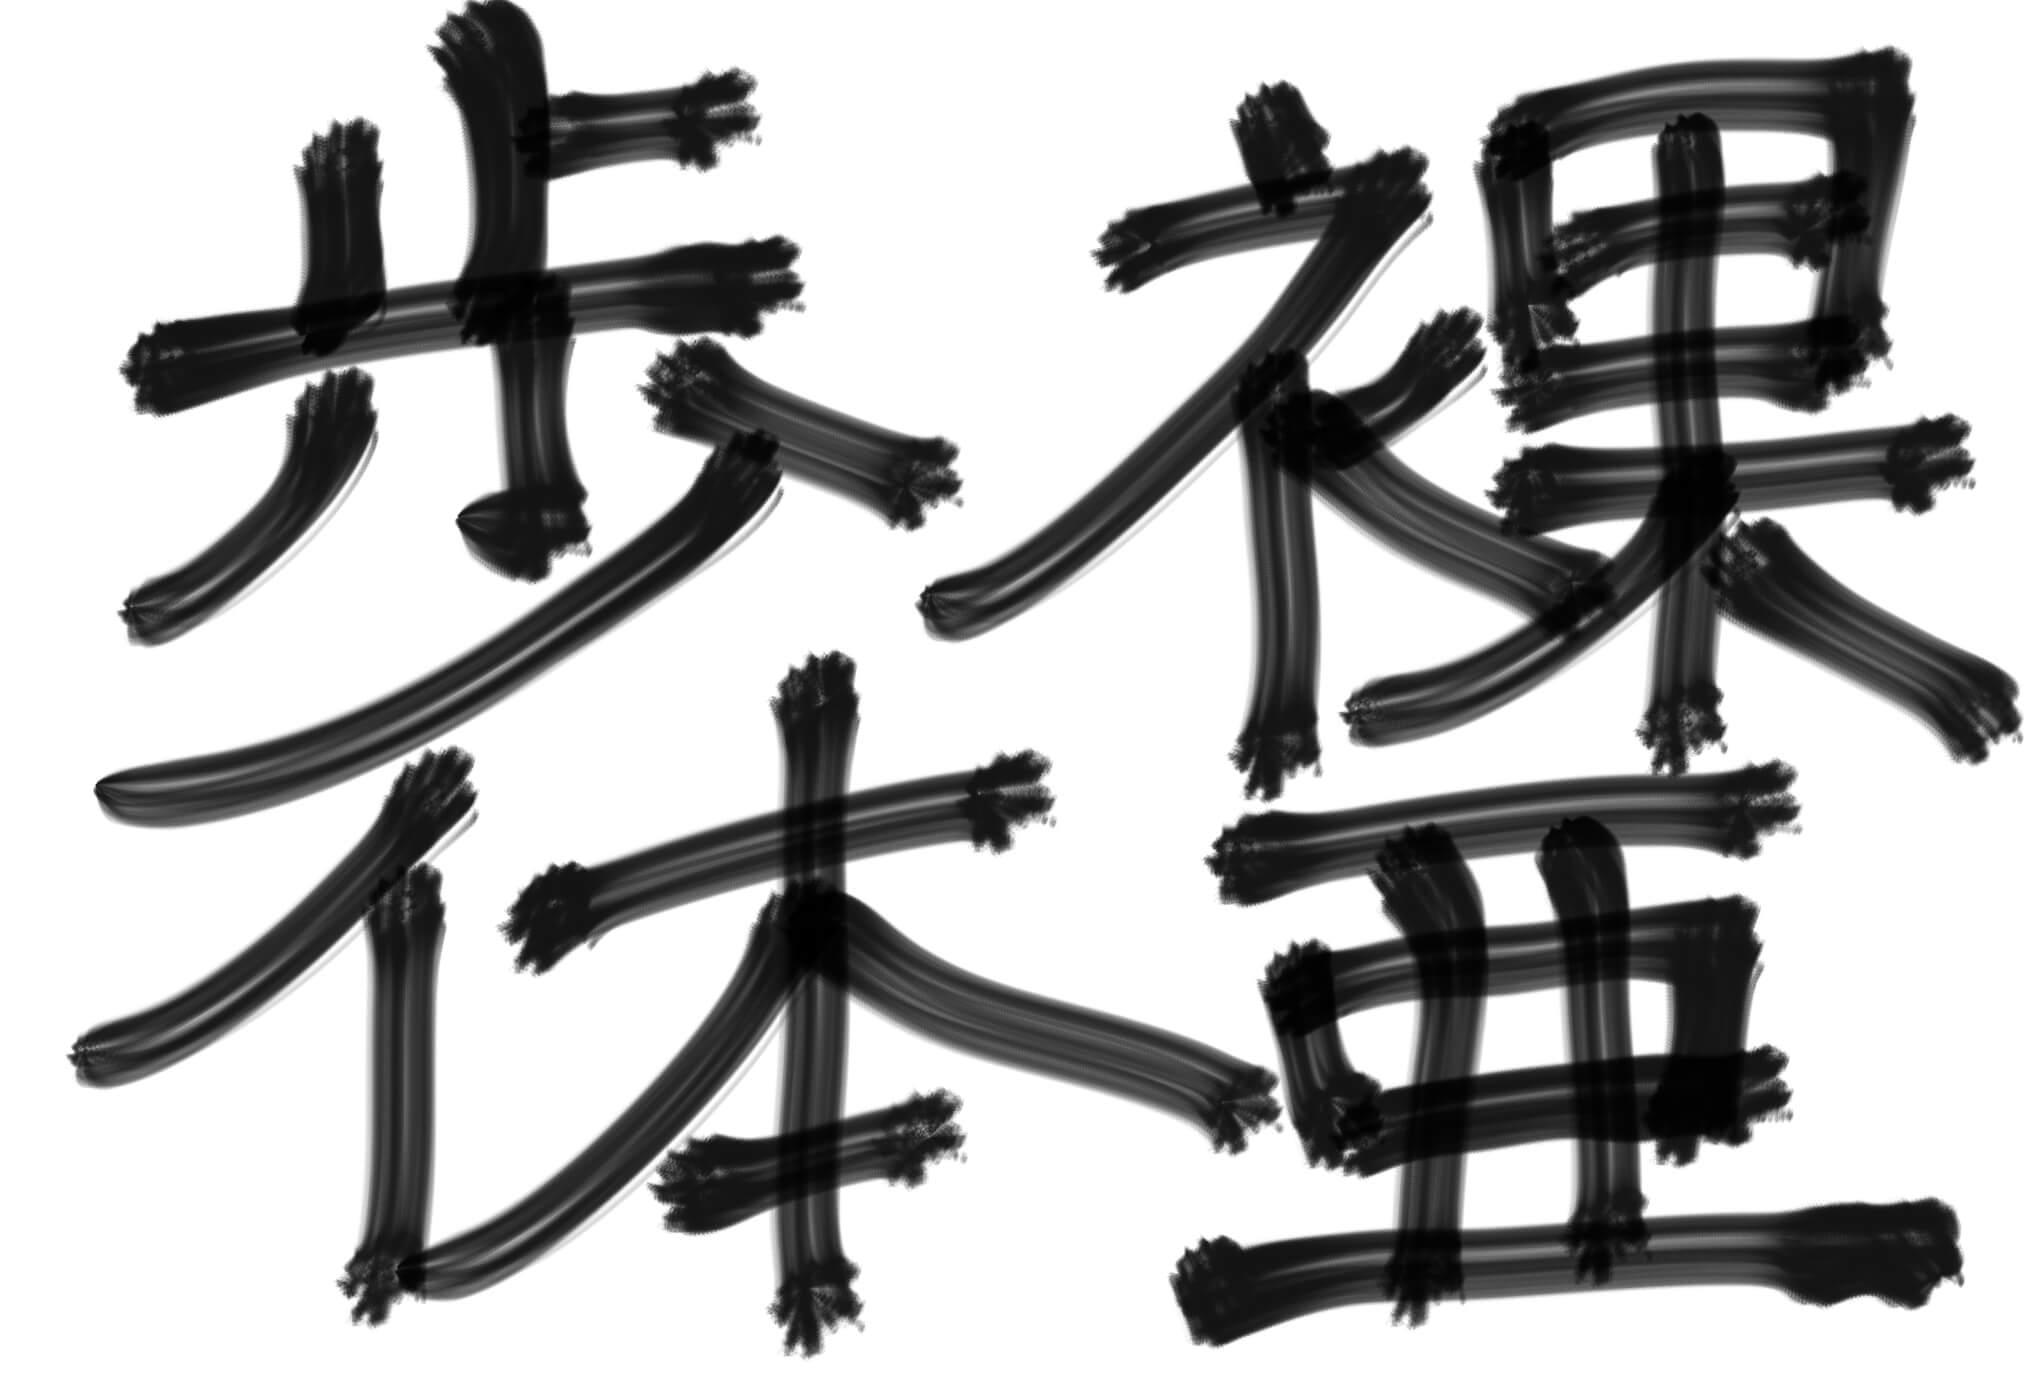 さんはん,詩人,エッセイ,言いたい放題,自由,平和,反戦,戦争反対,東京五輪,ボランティア,歩裸体亜,ヒロポン,覚醒剤,